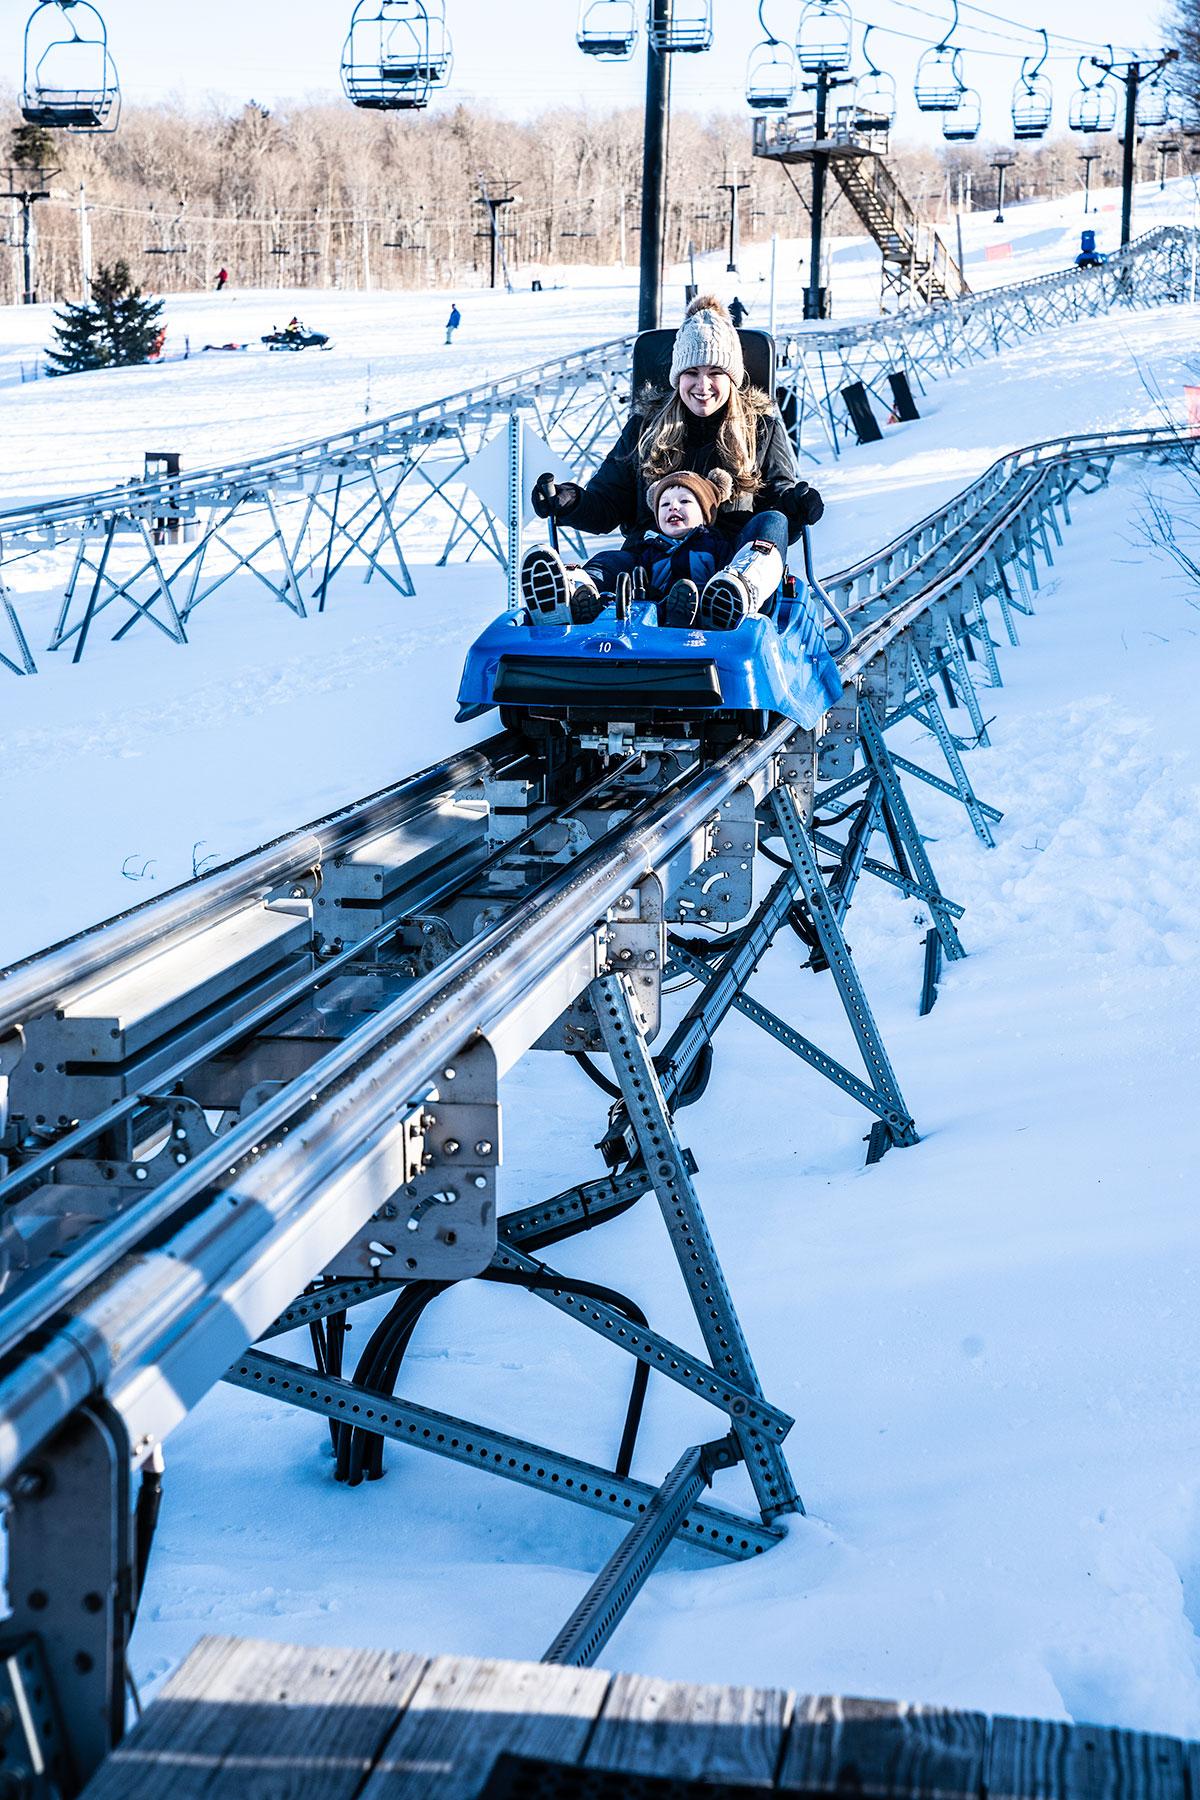 Mountain-Coaster-Killington-Vermont